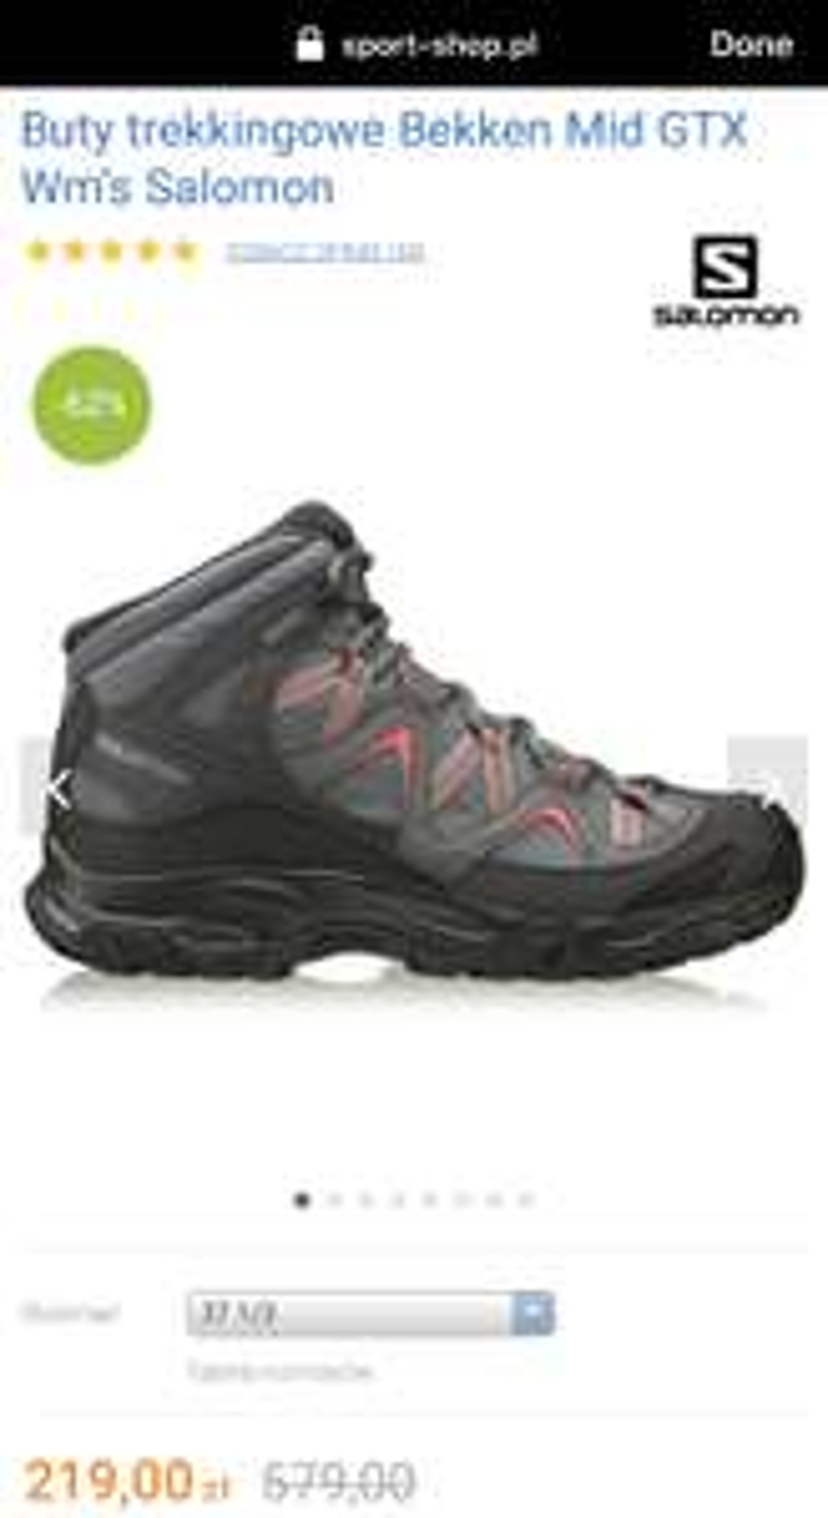 Damskie wysokie buty Salomon z Gore-Tex